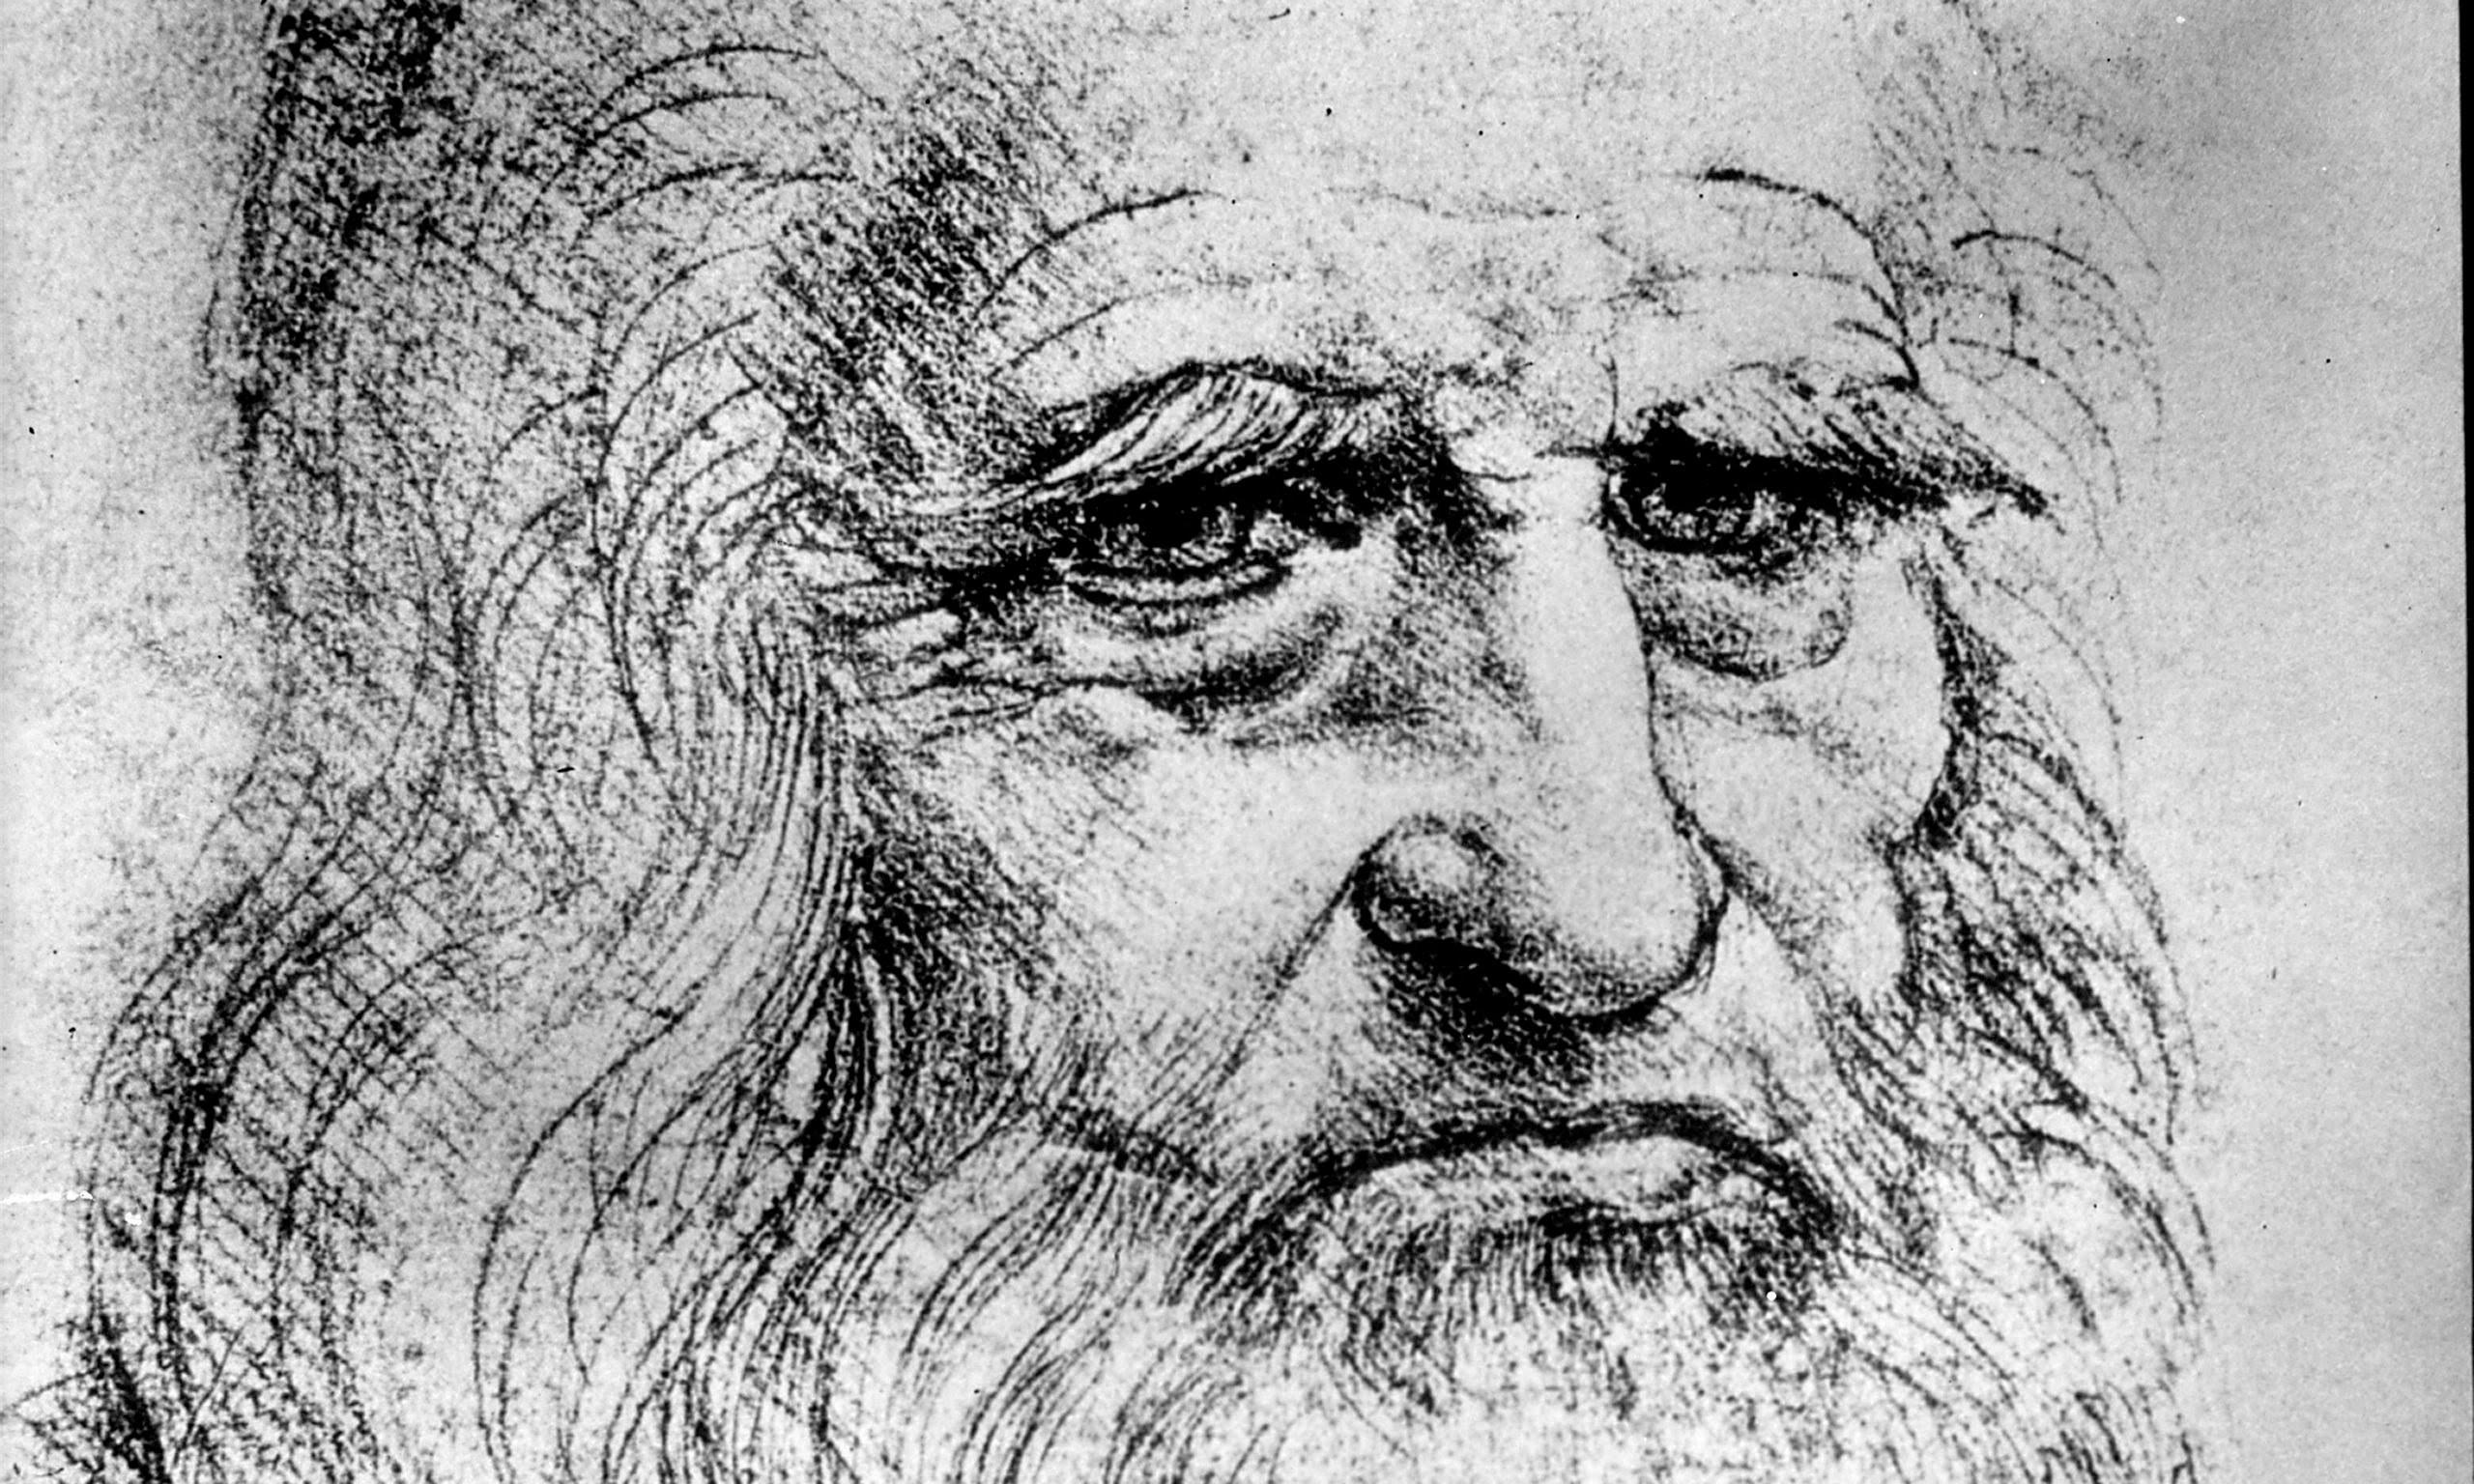 O retrato de Da Vinci estava cada vez mais comprometido (Foto: Reprodução)